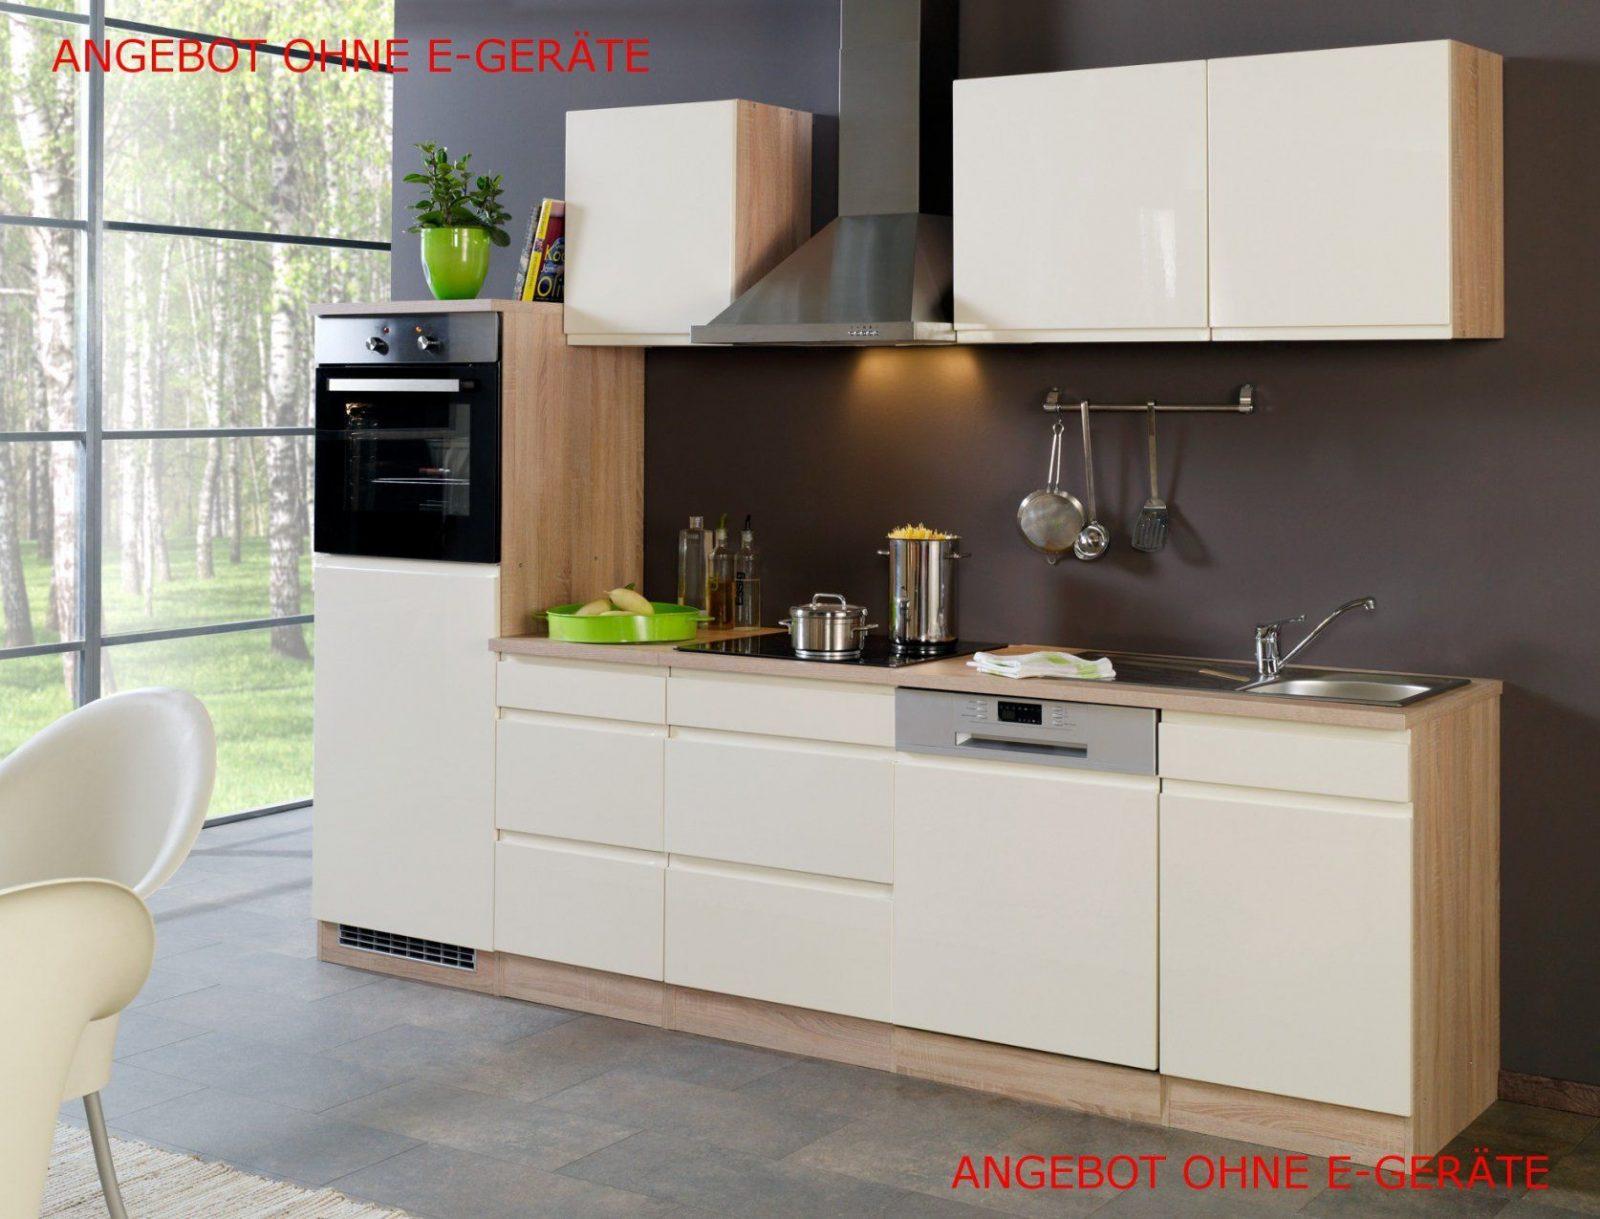 Miniküche Ohne Kühlschrank Gebraucht : Gebrauchte küche ohne kühlschrank ikea landhausküche gebraucht